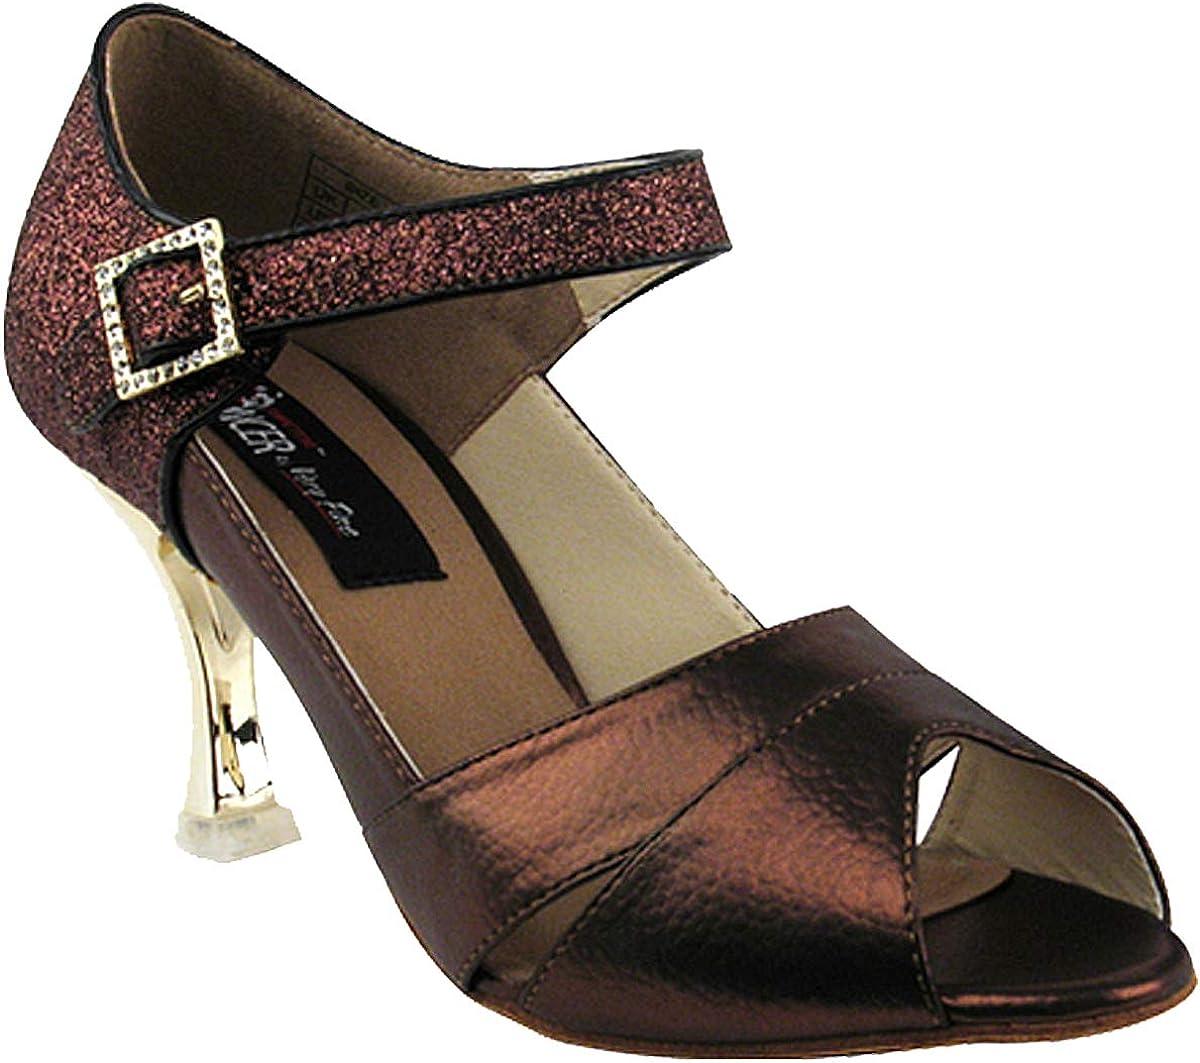 Very Fine Women's Salsa Ballroom Tango Dance Shoes Style CD3010 Bundle with Plastic Dance Shoe Heel Protectors, Copper Stardust 8.5 M US Heel 3 Inch